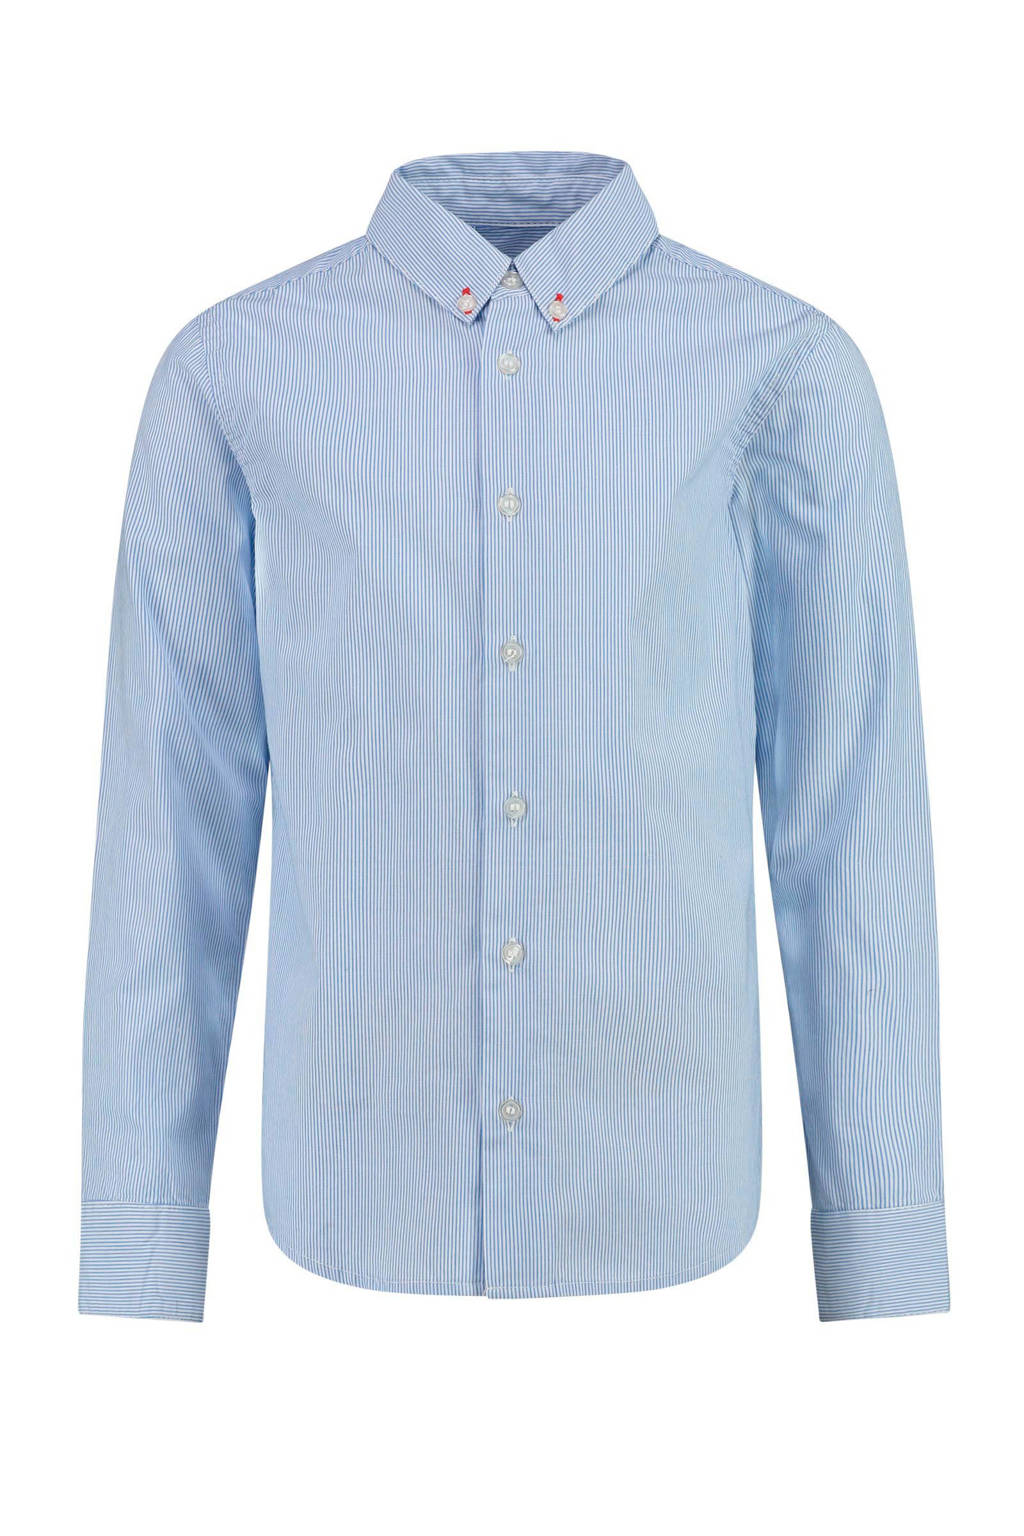 CKS KIDS gestreept overhemd Bosam lichtblauw/wit, Lichtblauw/wit